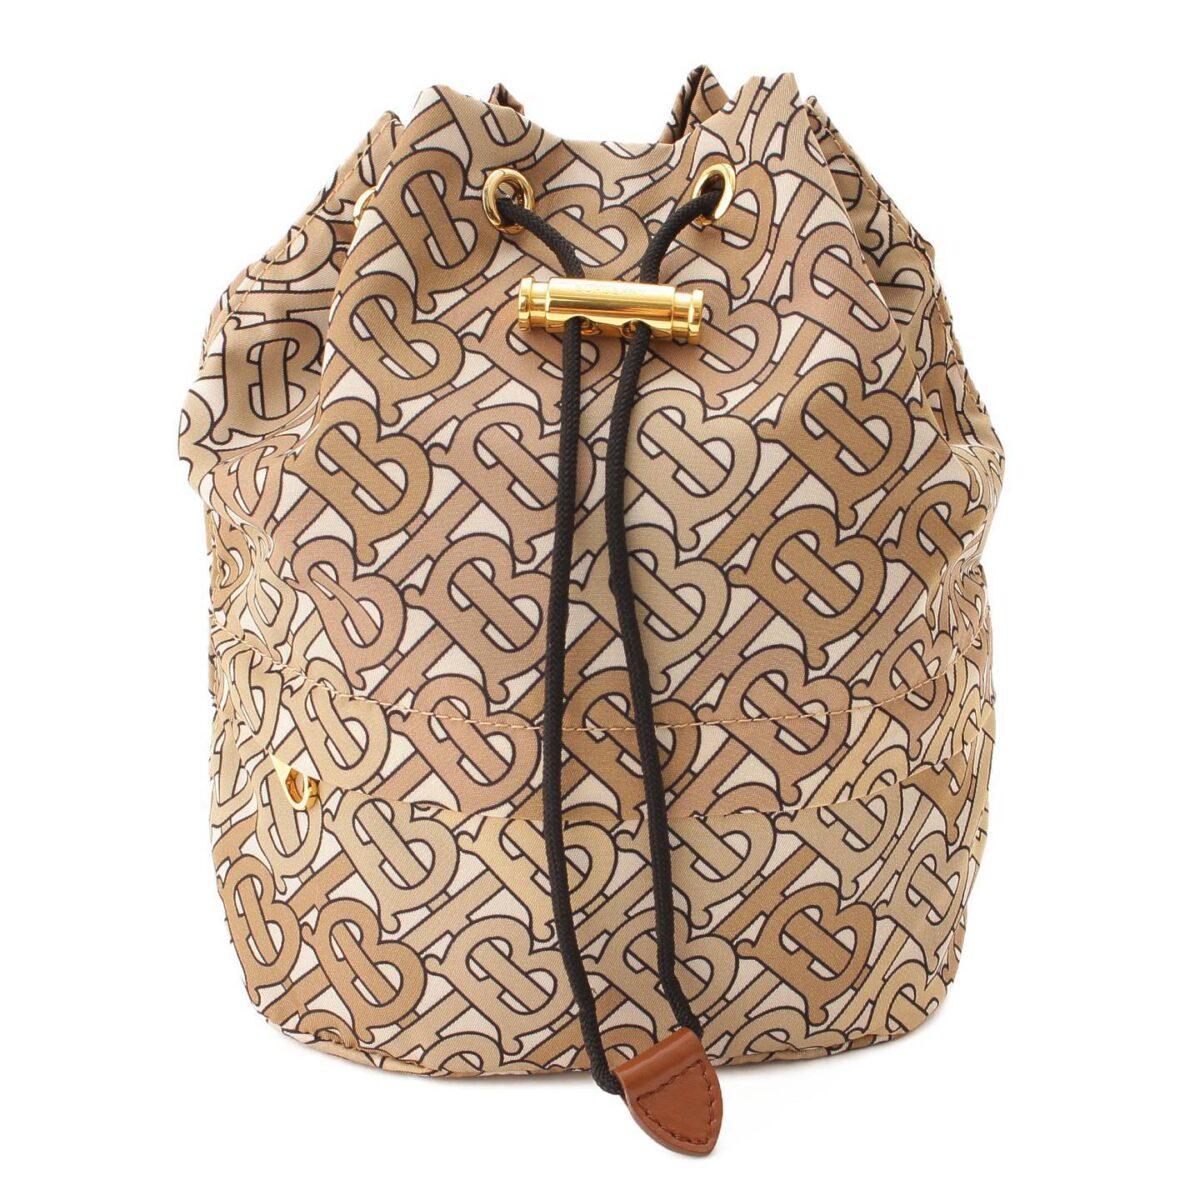 バーバリー ヴァーミリオン ナイロン 巾着バッグ ゴールド